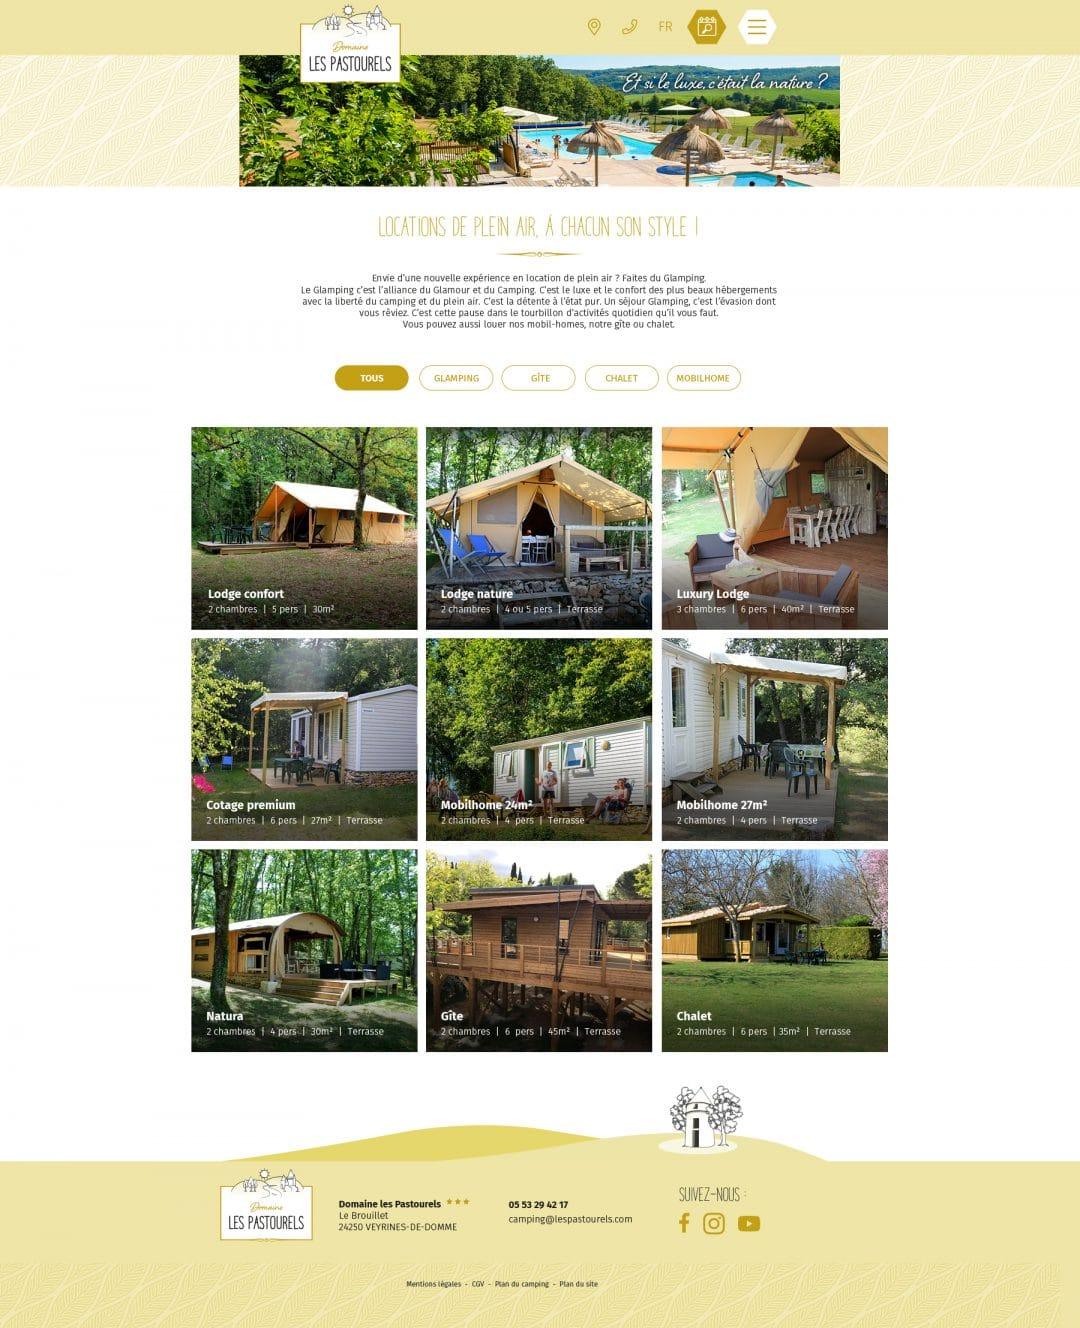 Camping Les Pastourels - Liste des locations